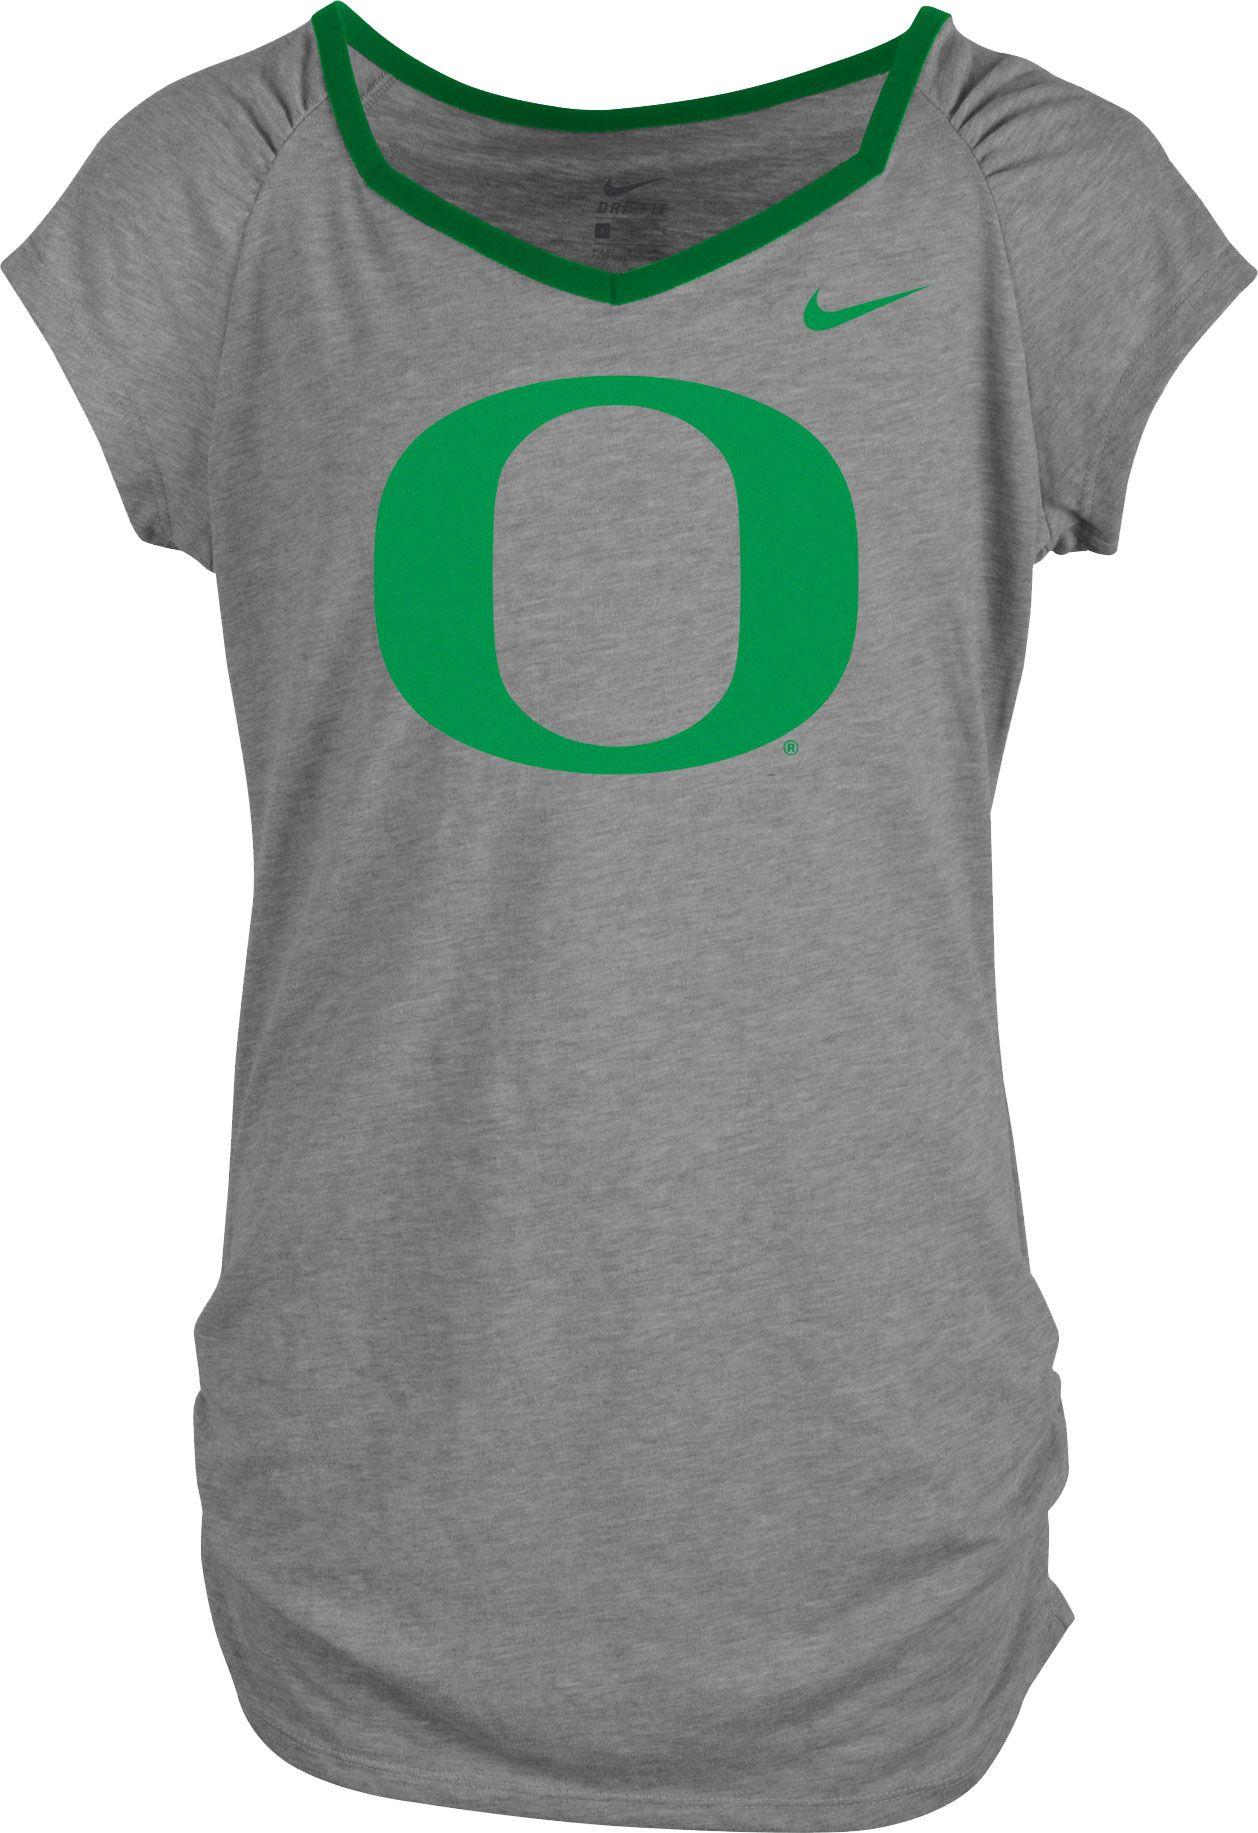 Nike Girls Oregon Ducks Grey Raglan V Neck T Shirt Dicks